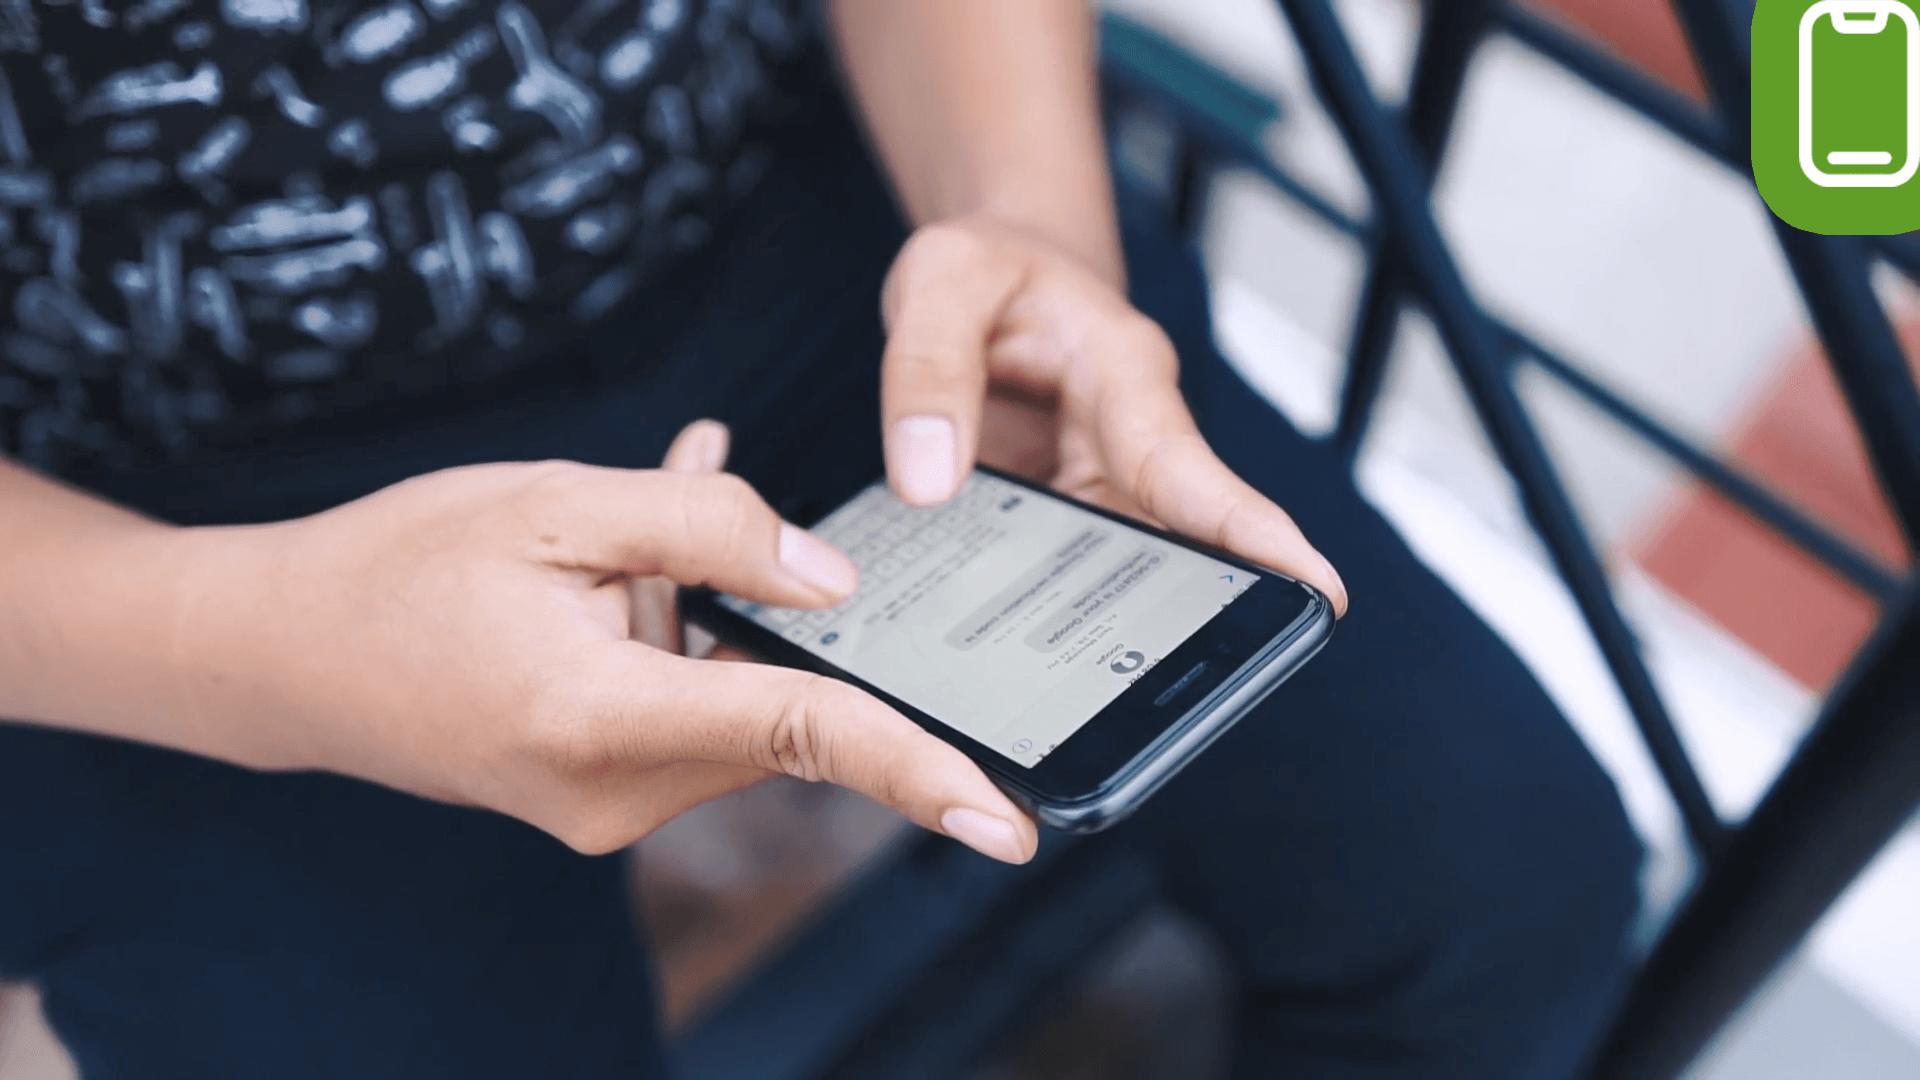 Đánh giá chi tiết iPhone 8 Plus - Ảnh 3